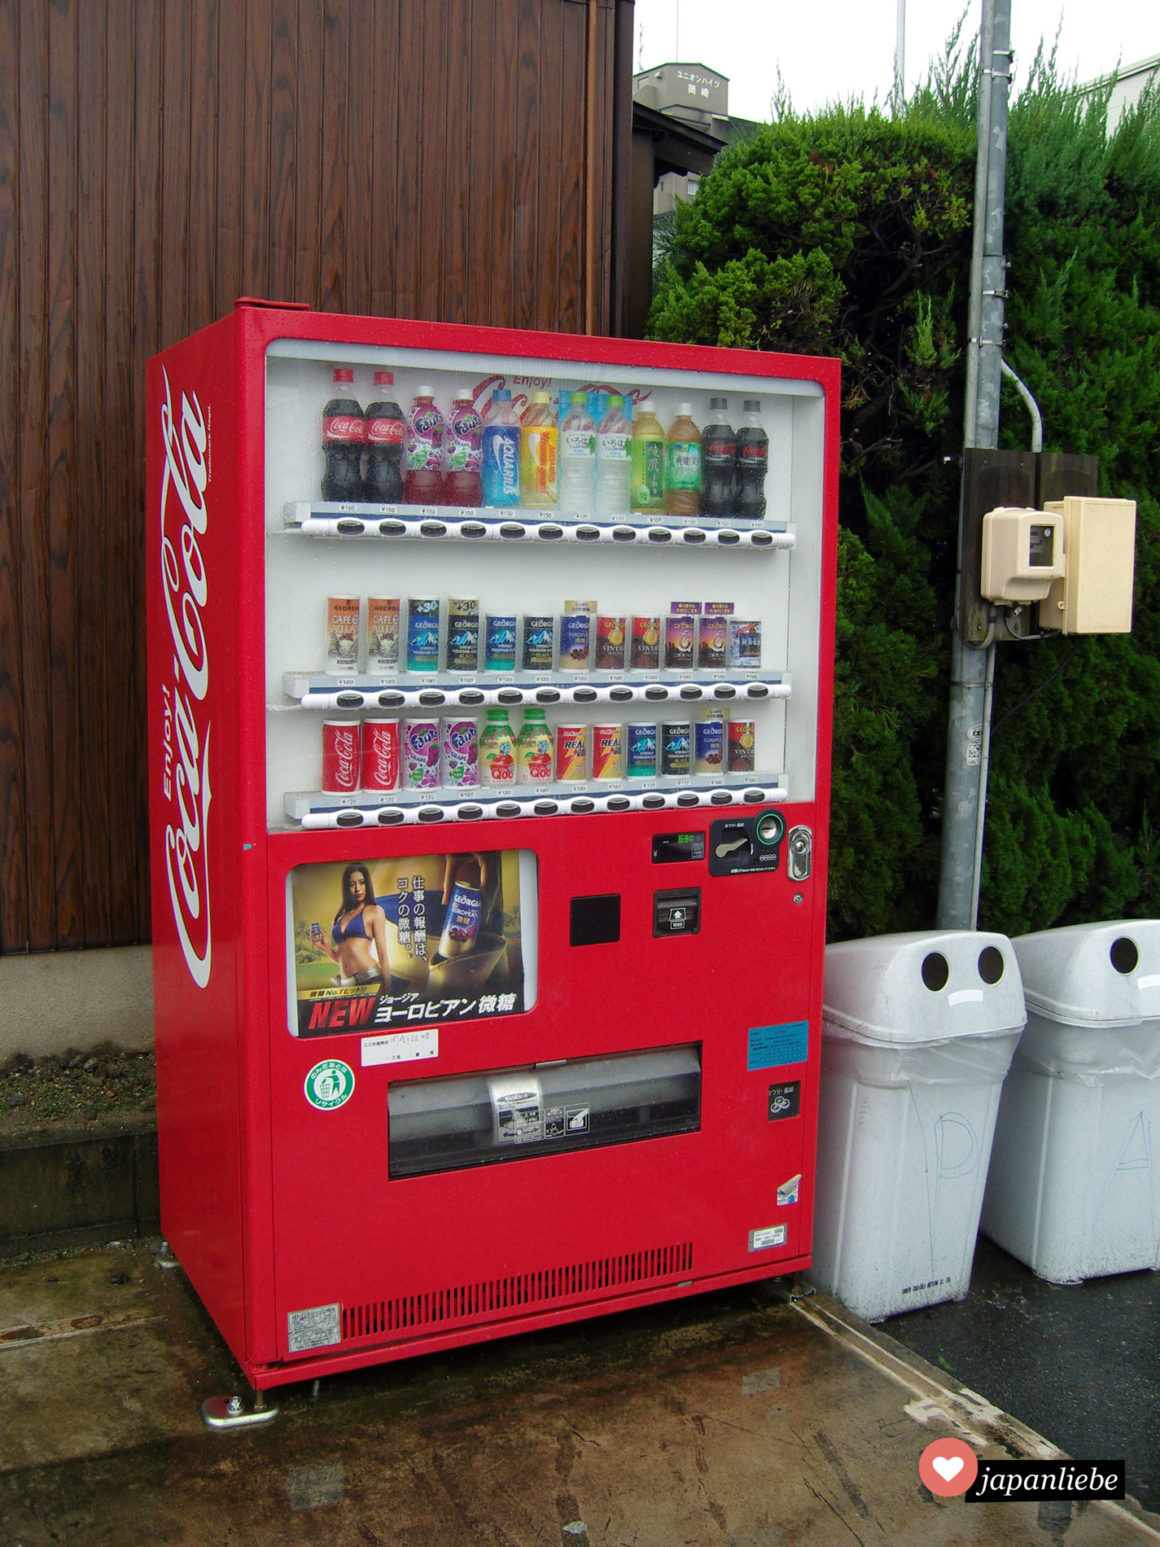 Ein ganz normaler japanischer Getränkeautomat der Firma Coca Cola, wie man ihn in Japan überall antrifft.